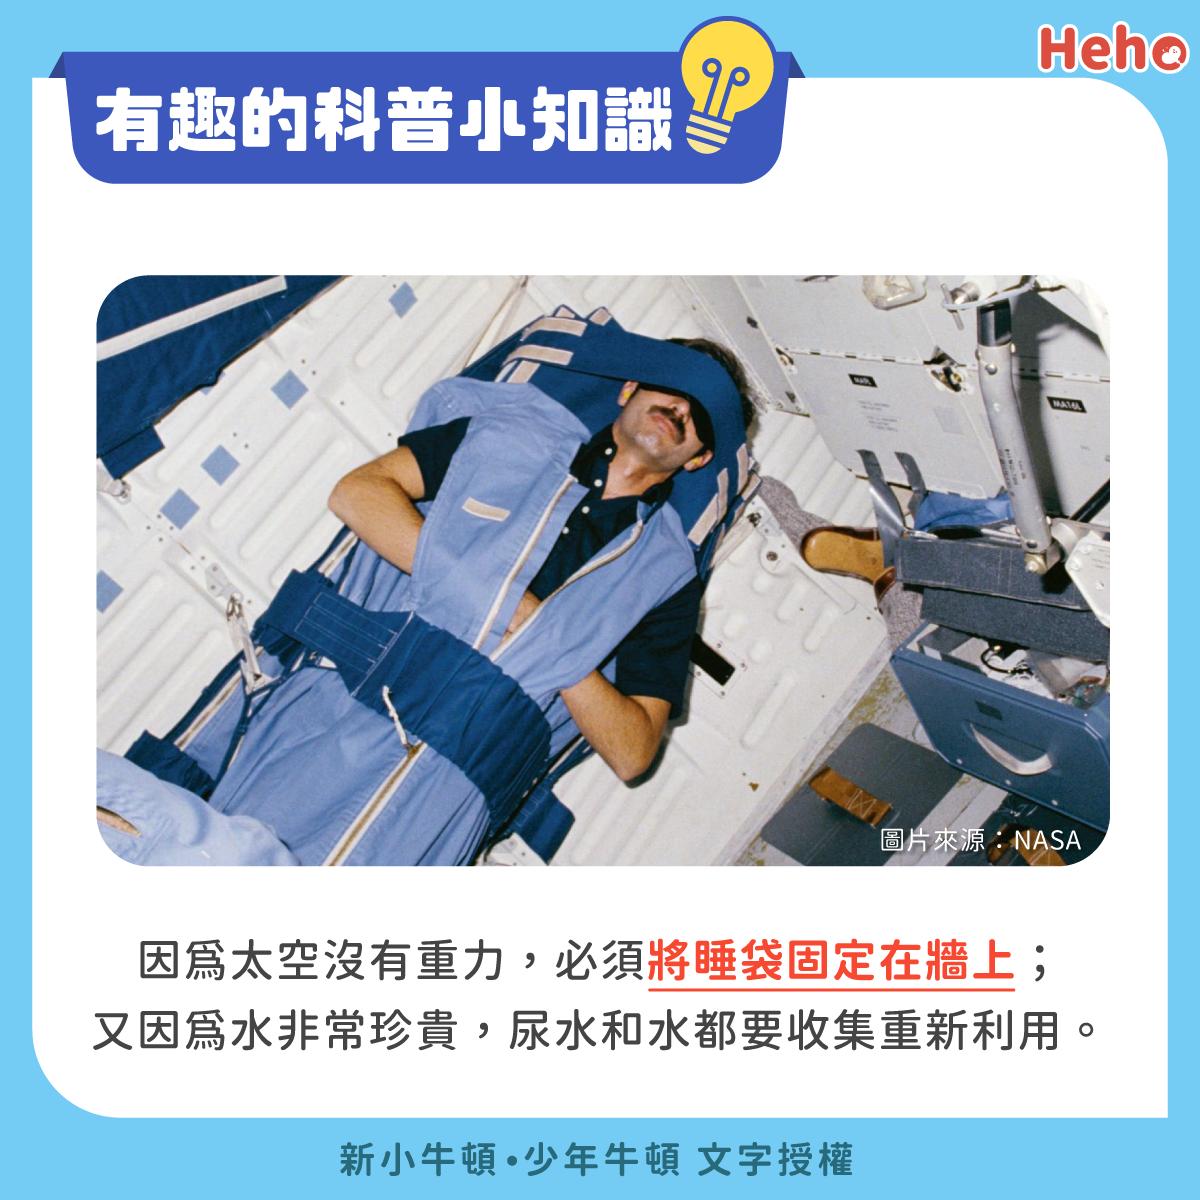 有趣的科普小知識:在太空站中怎麼睡覺?